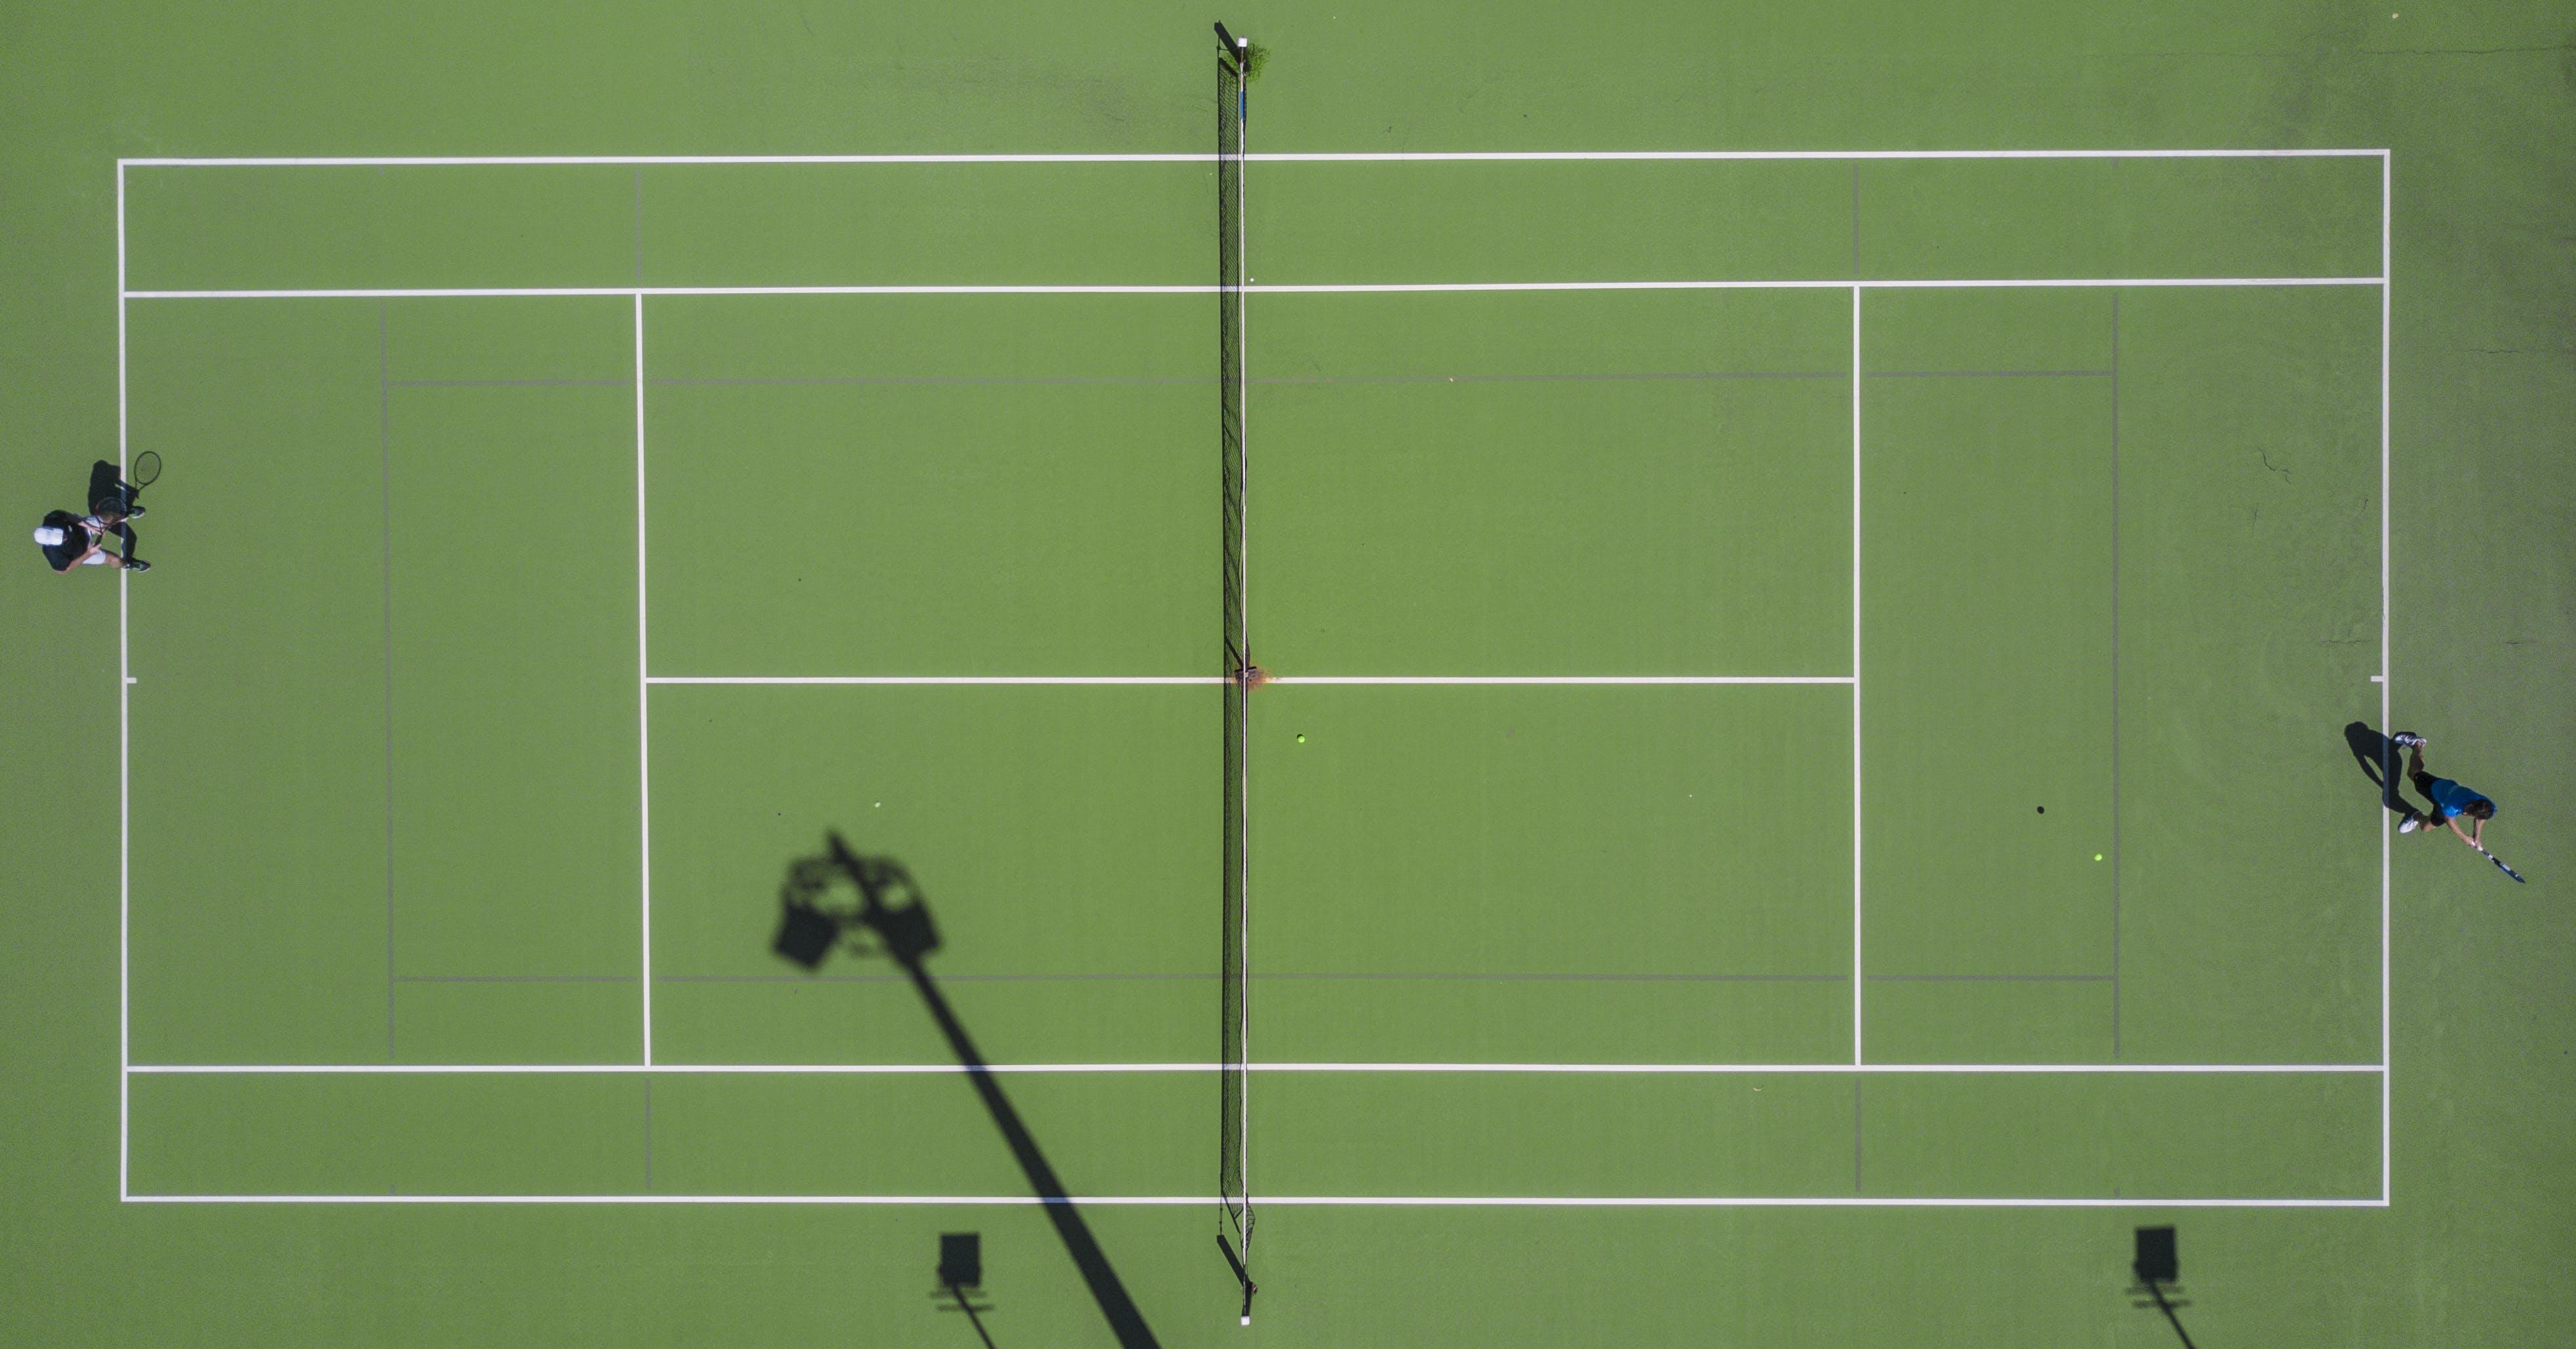 Fotos de stock gratuitas de atletas, competición, Deportes, foto aérea